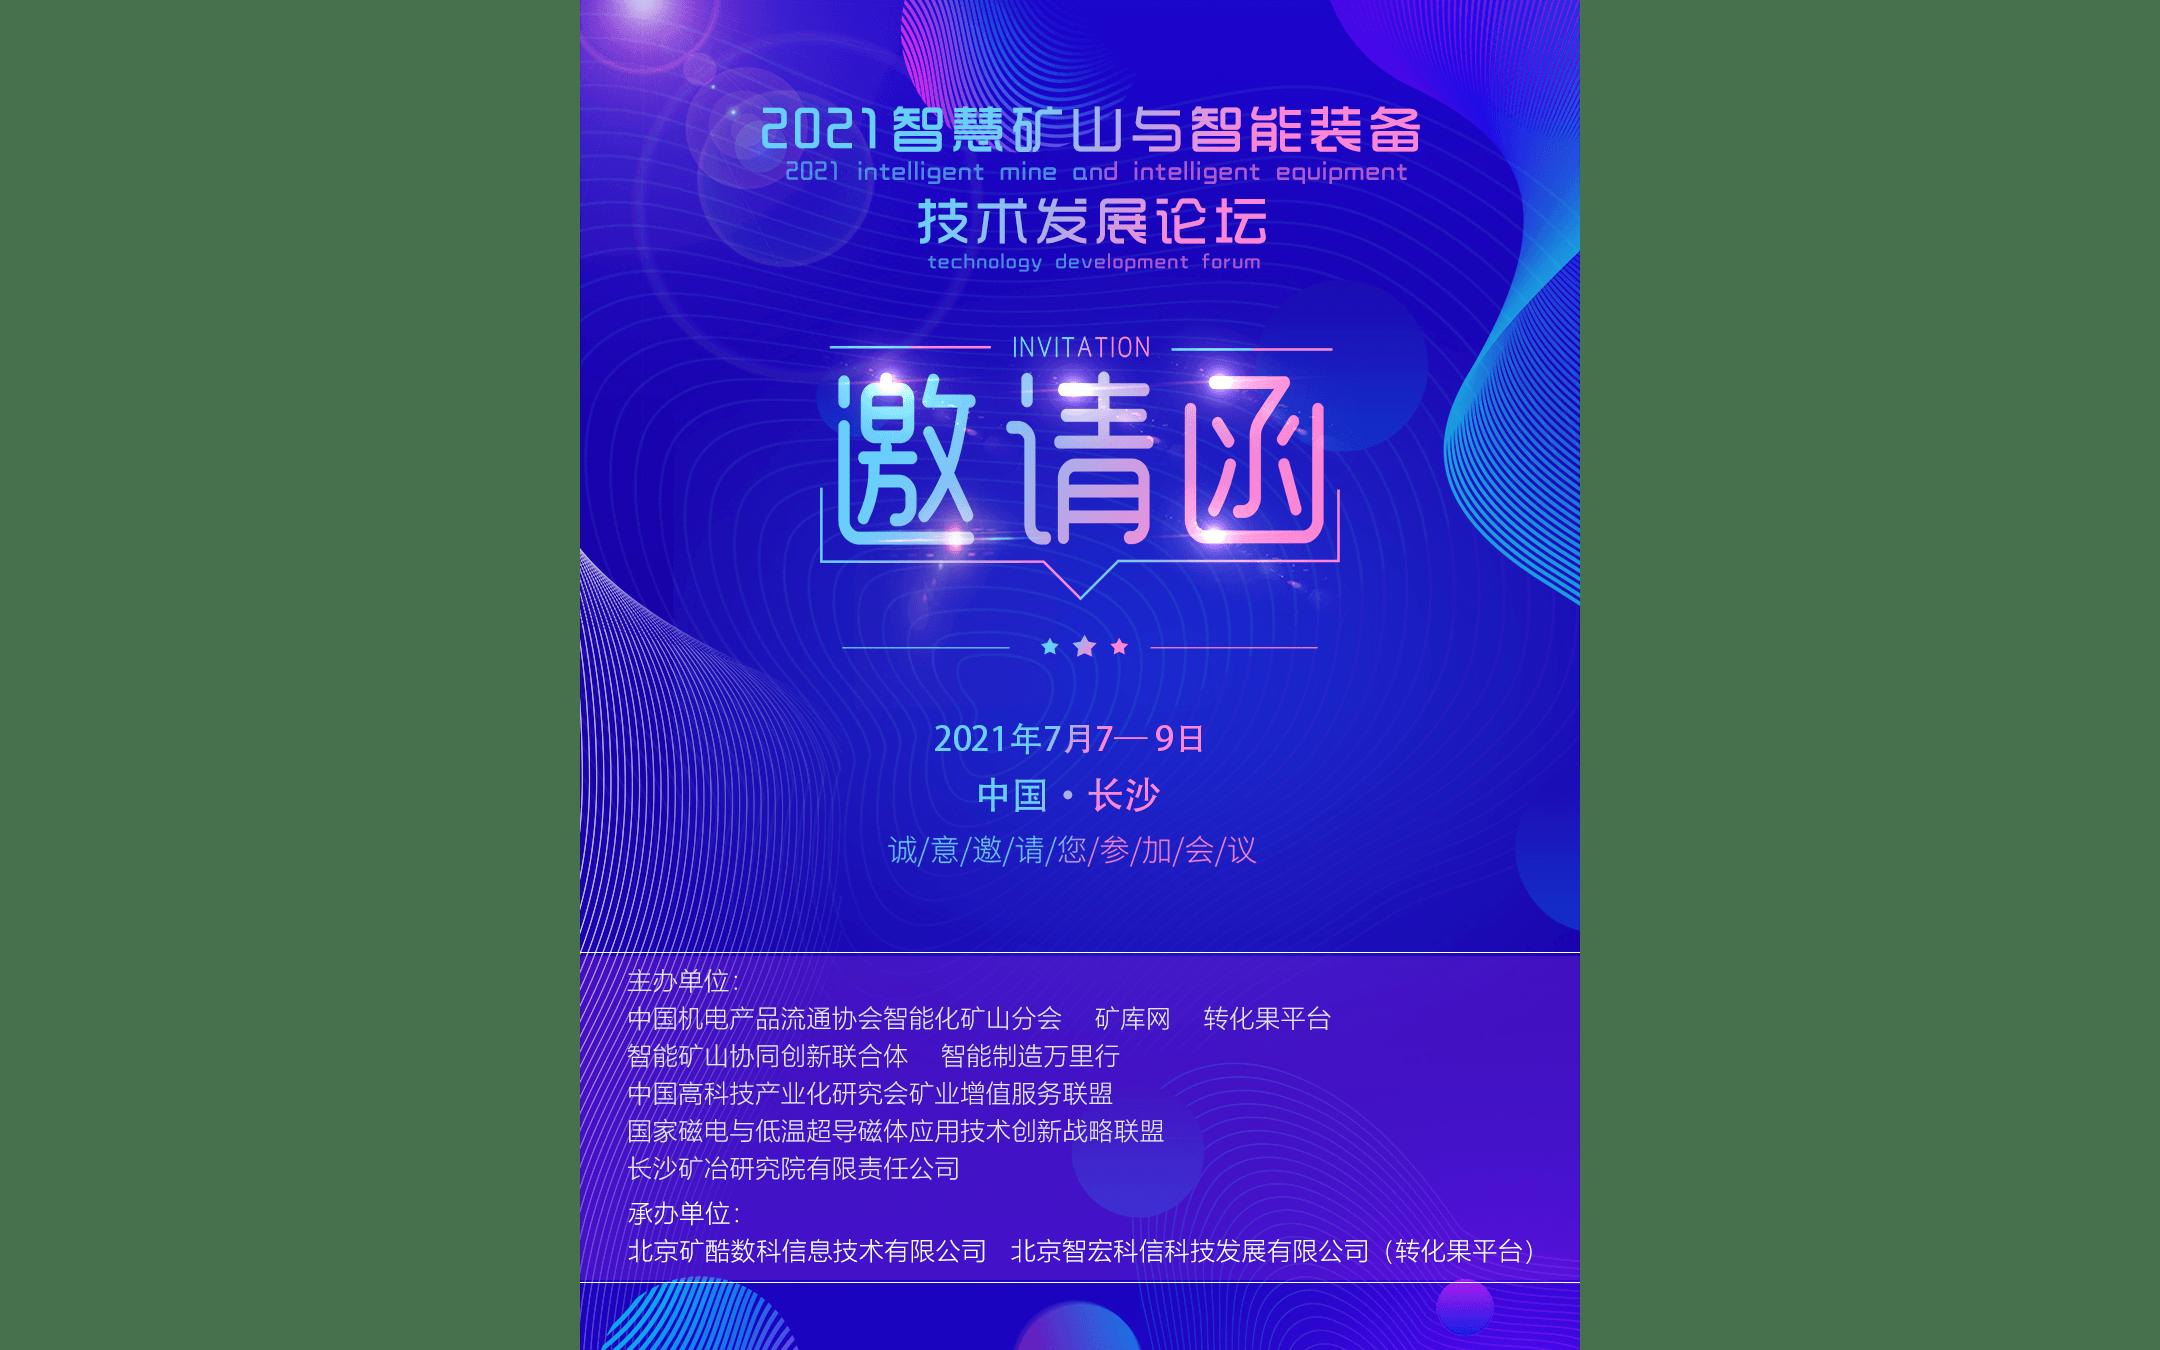 2021智慧矿山与智能装备技术发展论坛